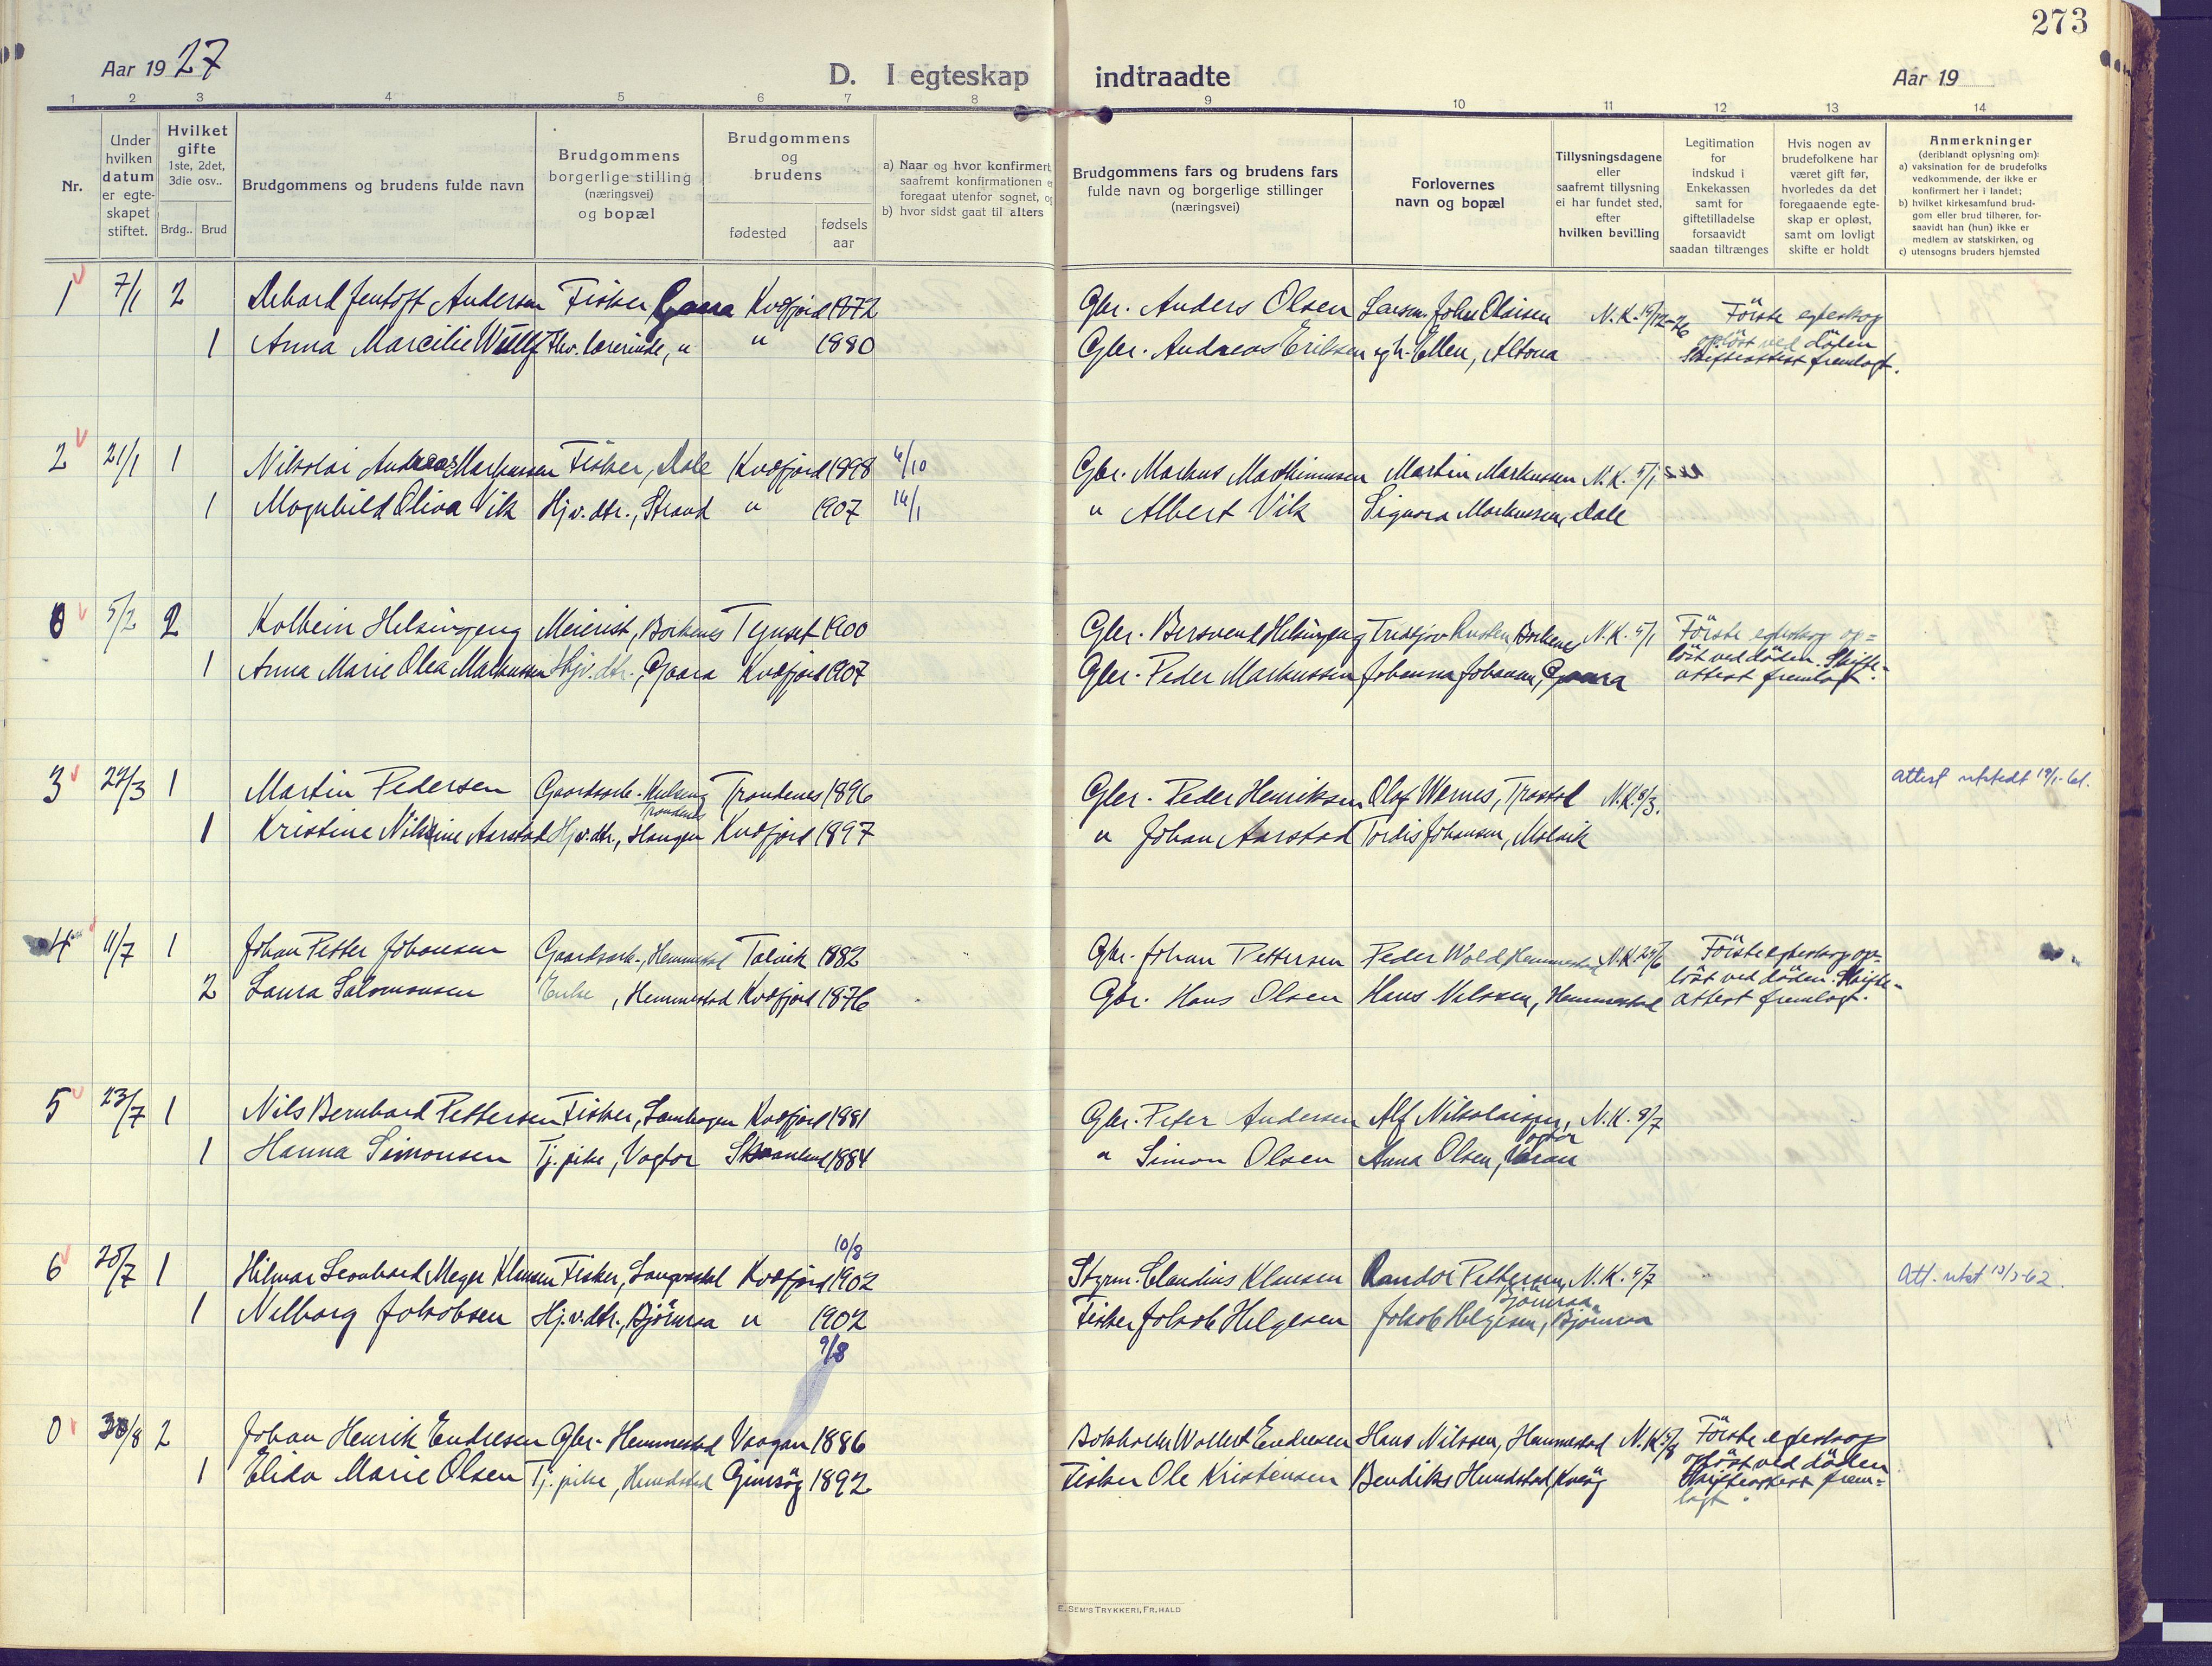 SATØ, Kvæfjord sokneprestkontor, G/Ga/Gaa/L0007kirke: Ministerialbok nr. 7, 1915-1931, s. 273